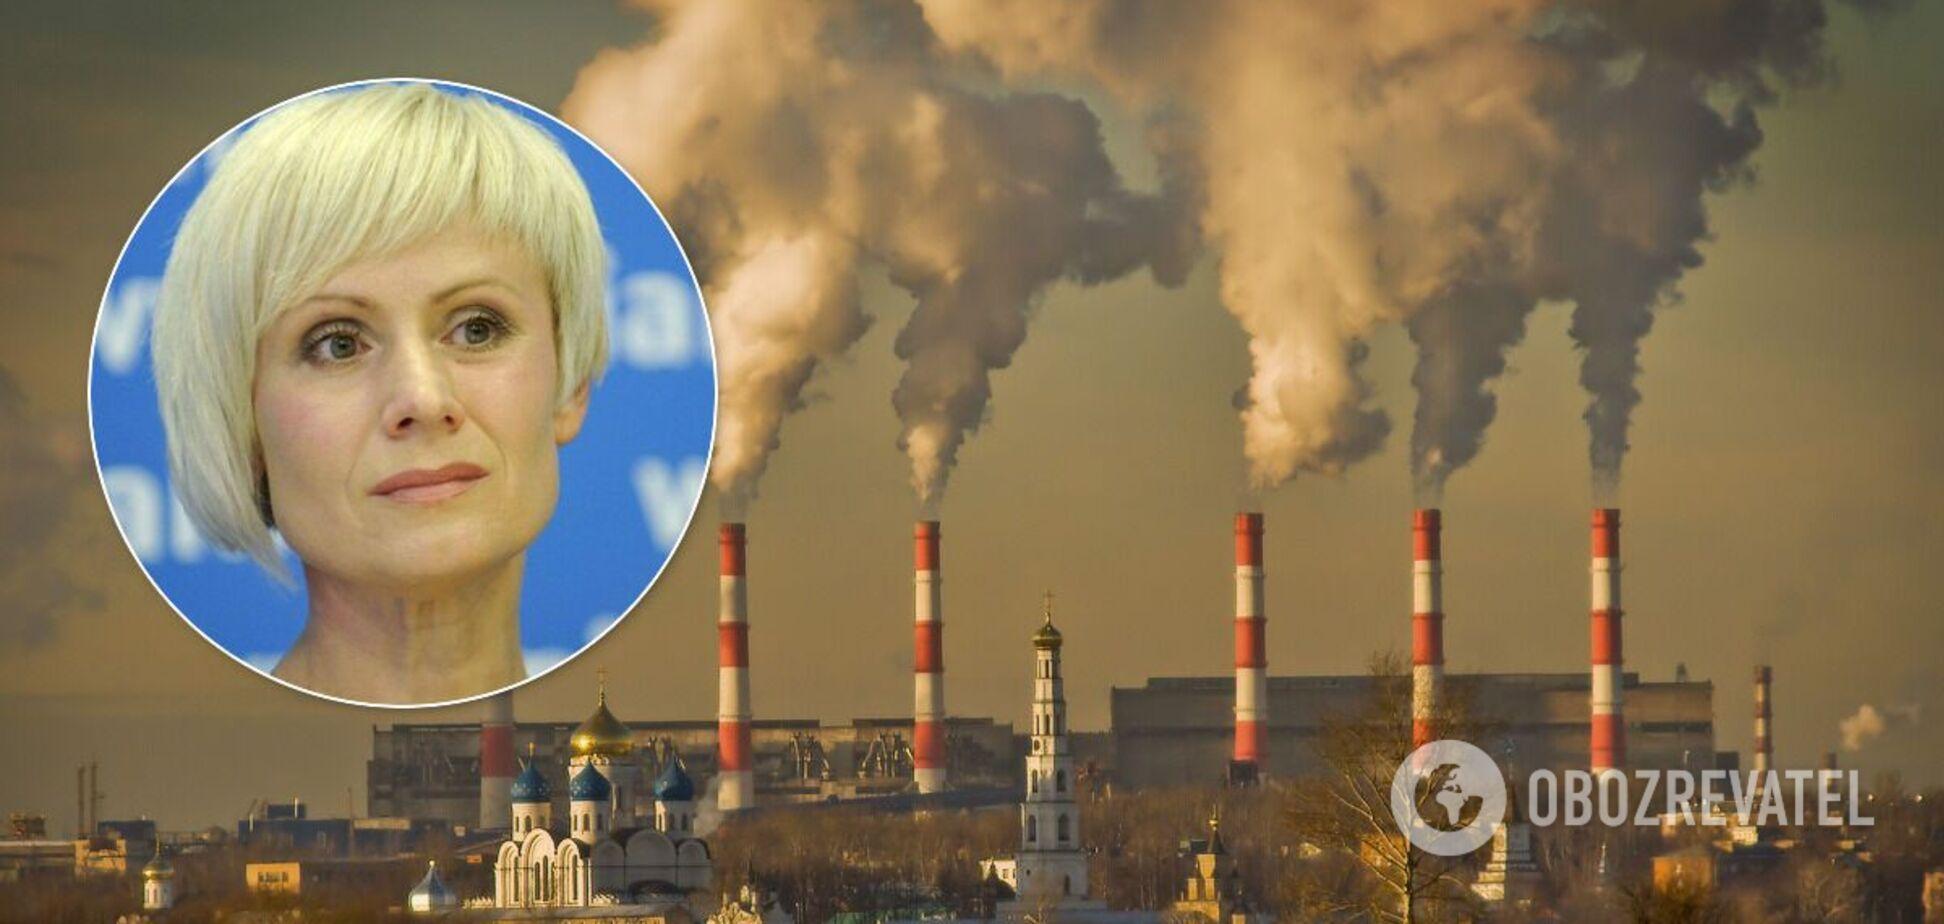 Системно экологические проблемы в Украине не решаются, но защитой окружающей среды активно манипулируют перед выборами. Источник: Коллаж